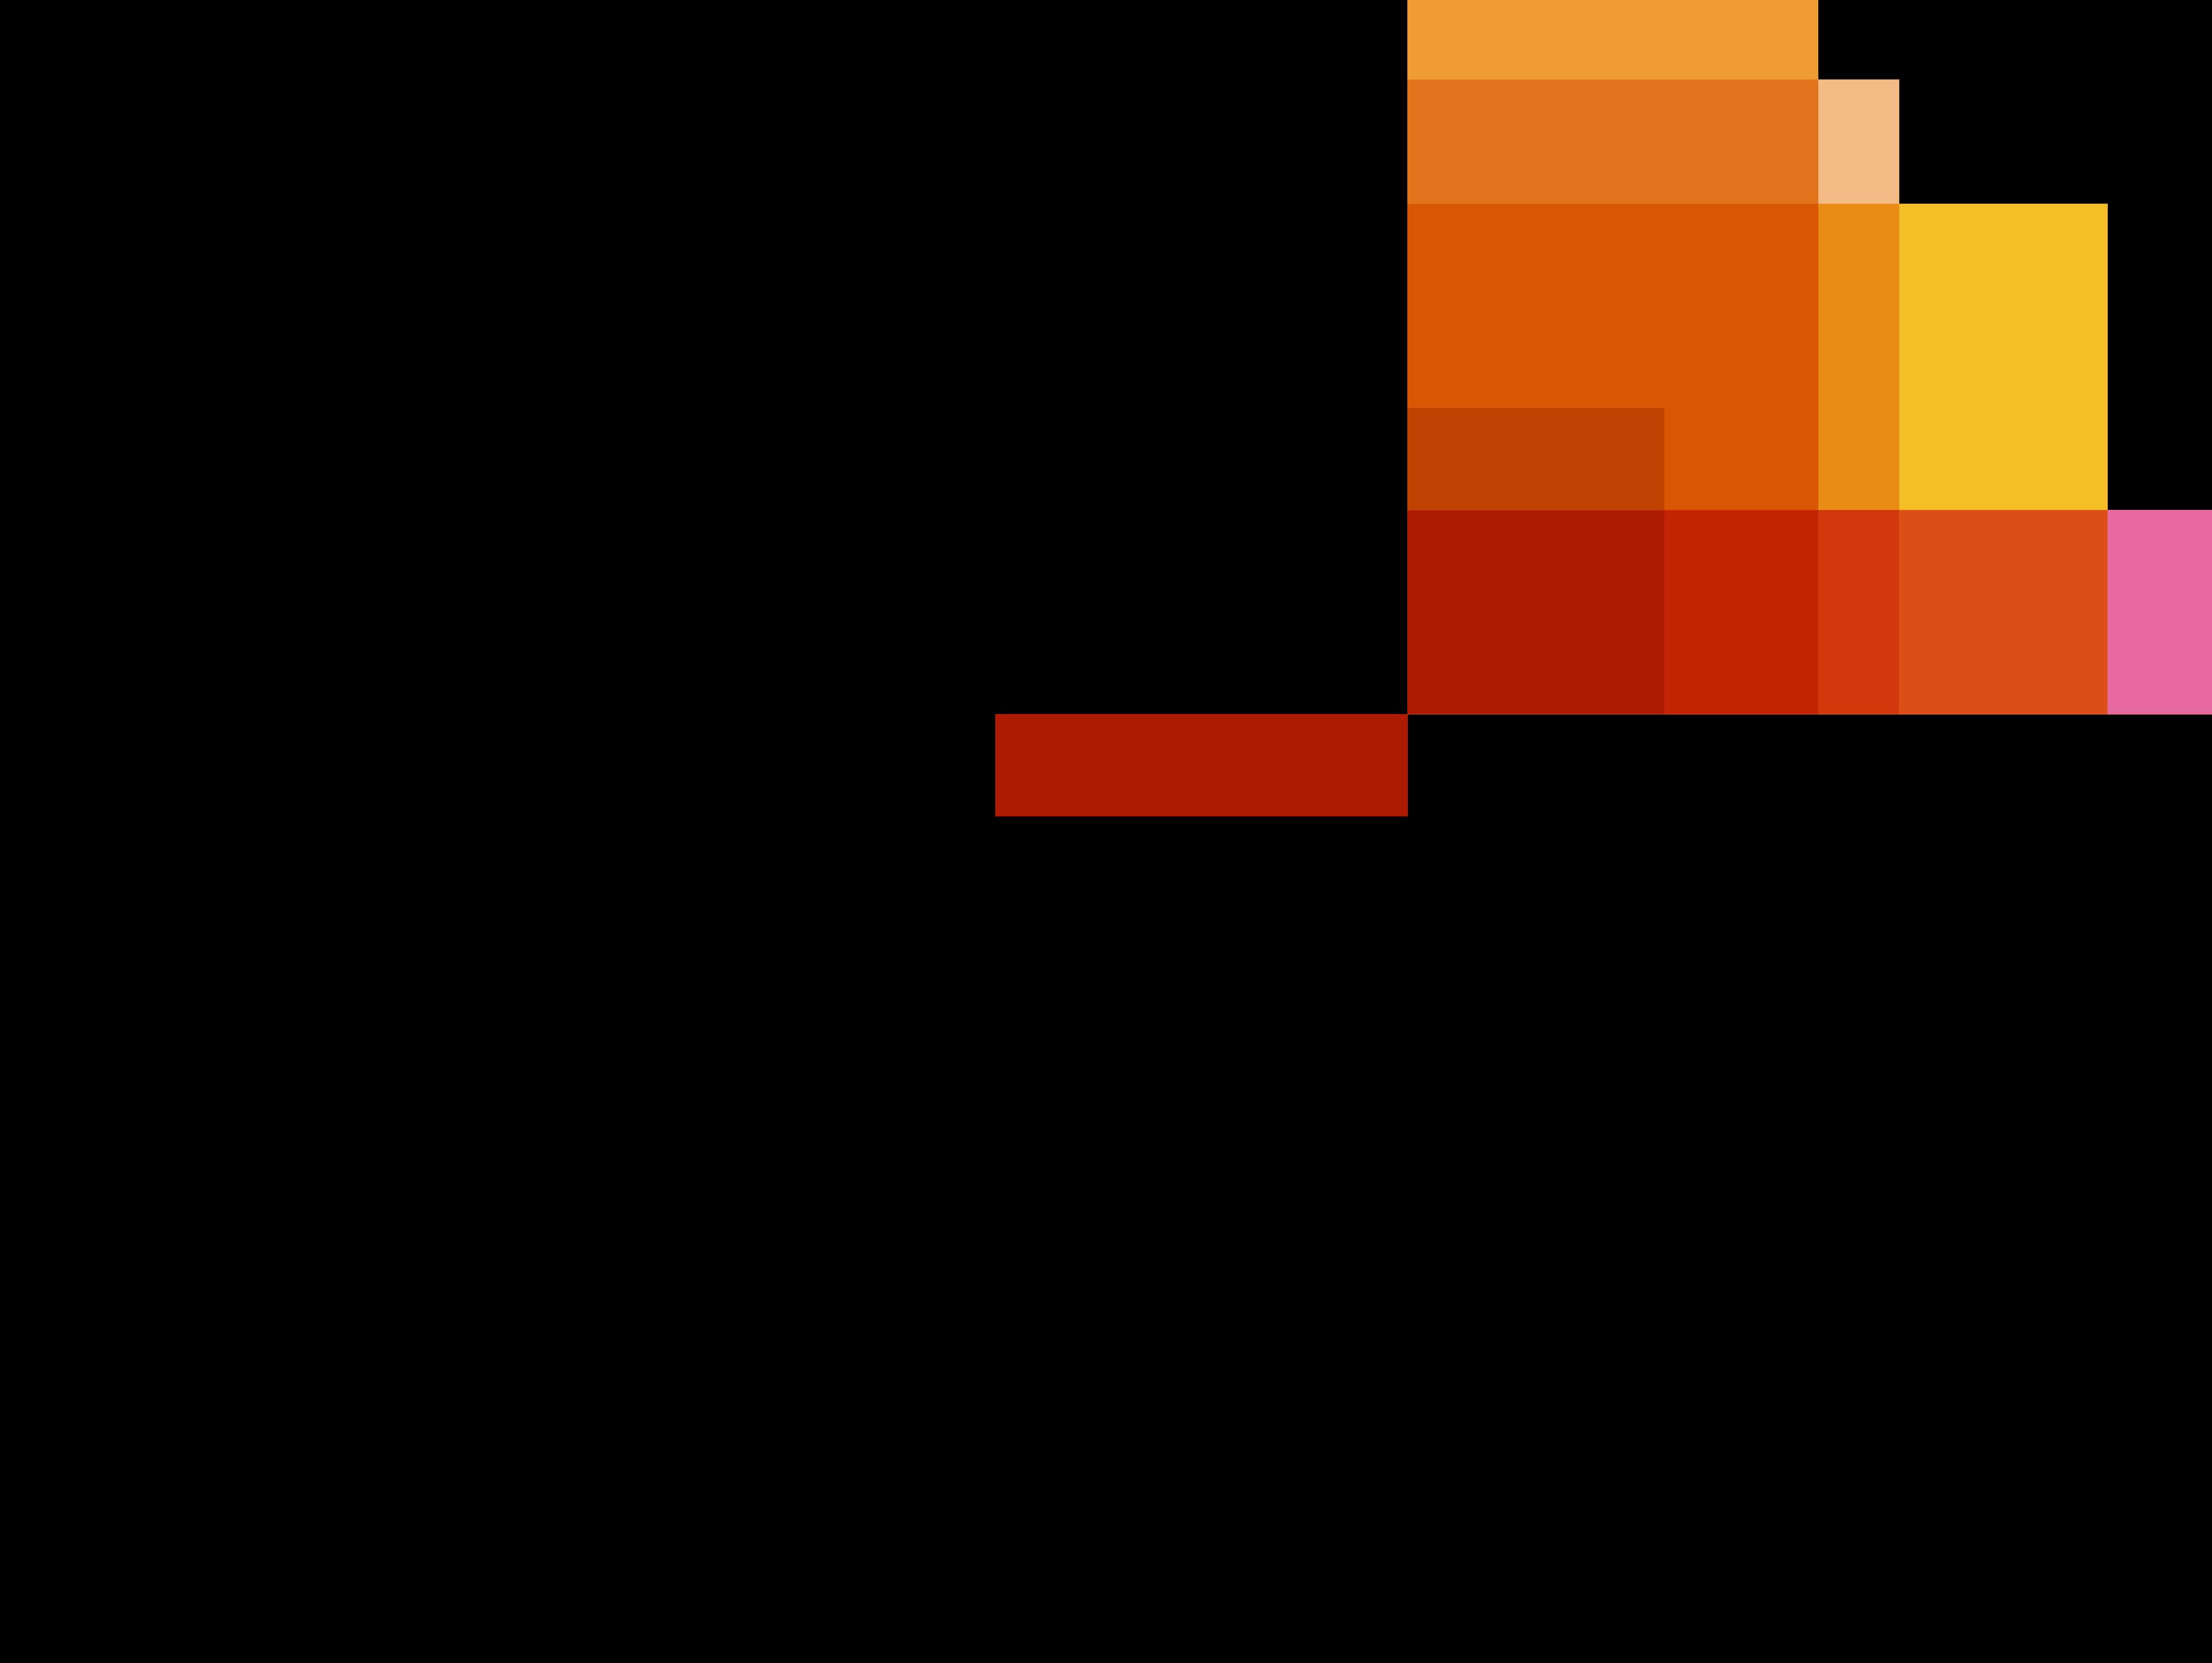 pwc logo - PwC Logo